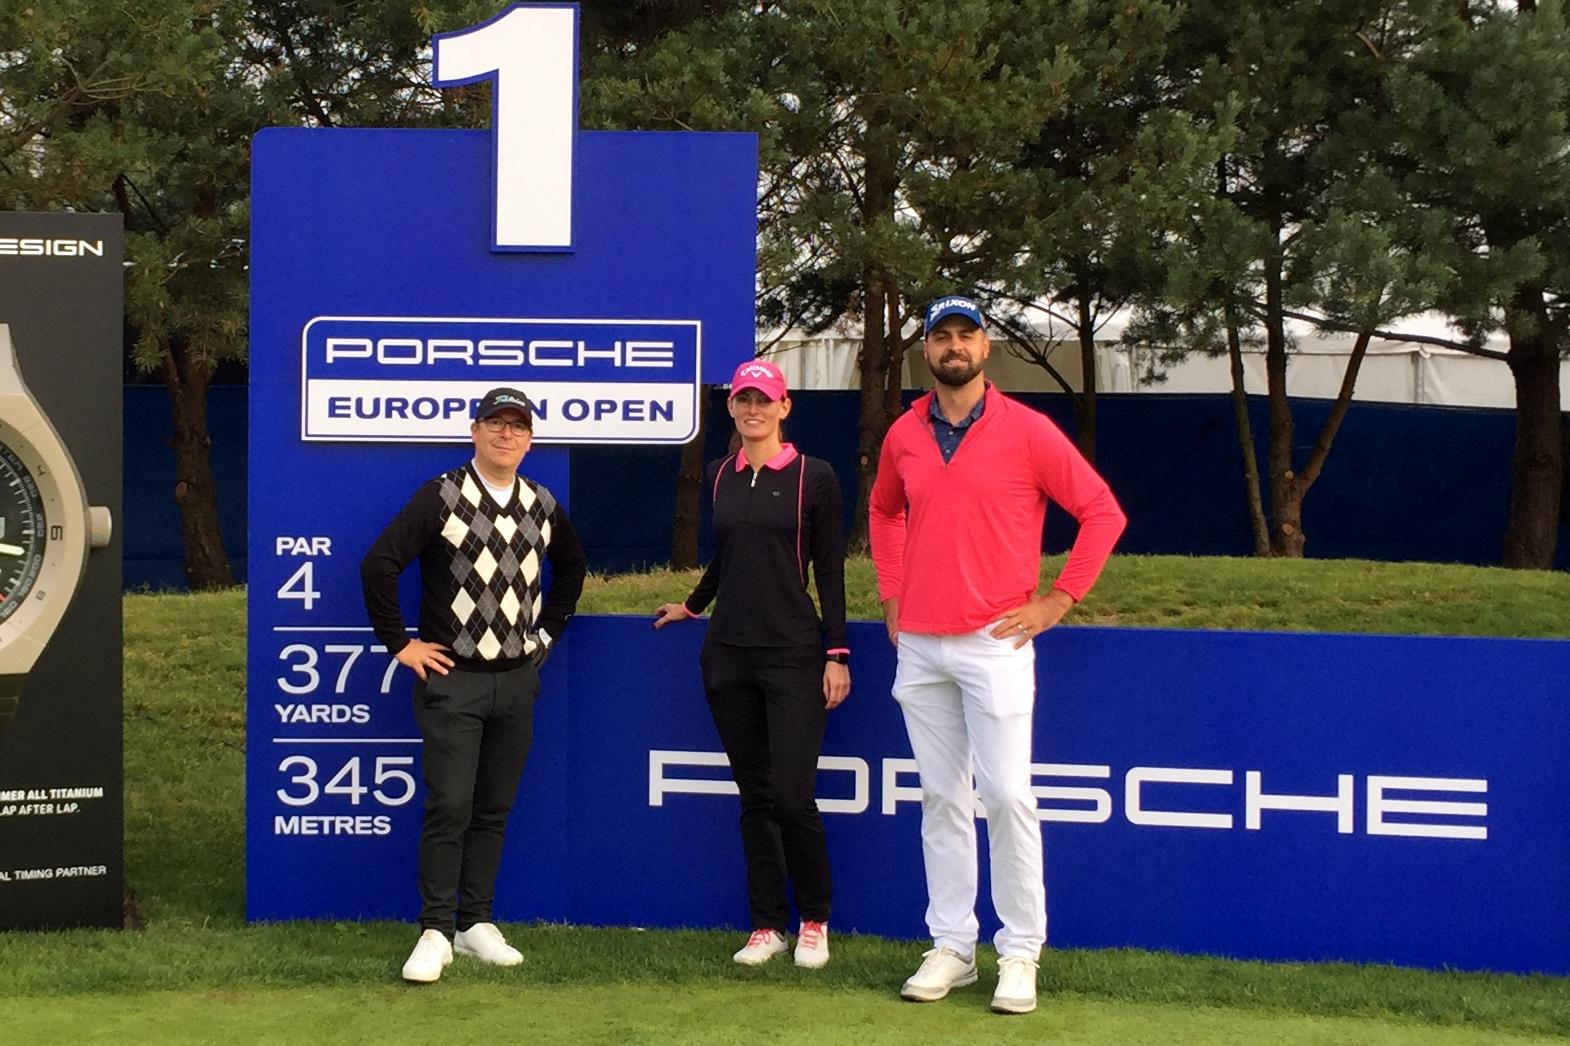 """""""Die Drei vom Porsche Nord Course"""": Oliver, Christina und Tomi am ersten Abschlag der Runde im Turnier-Trimm. Foto: Michael F. Basche"""